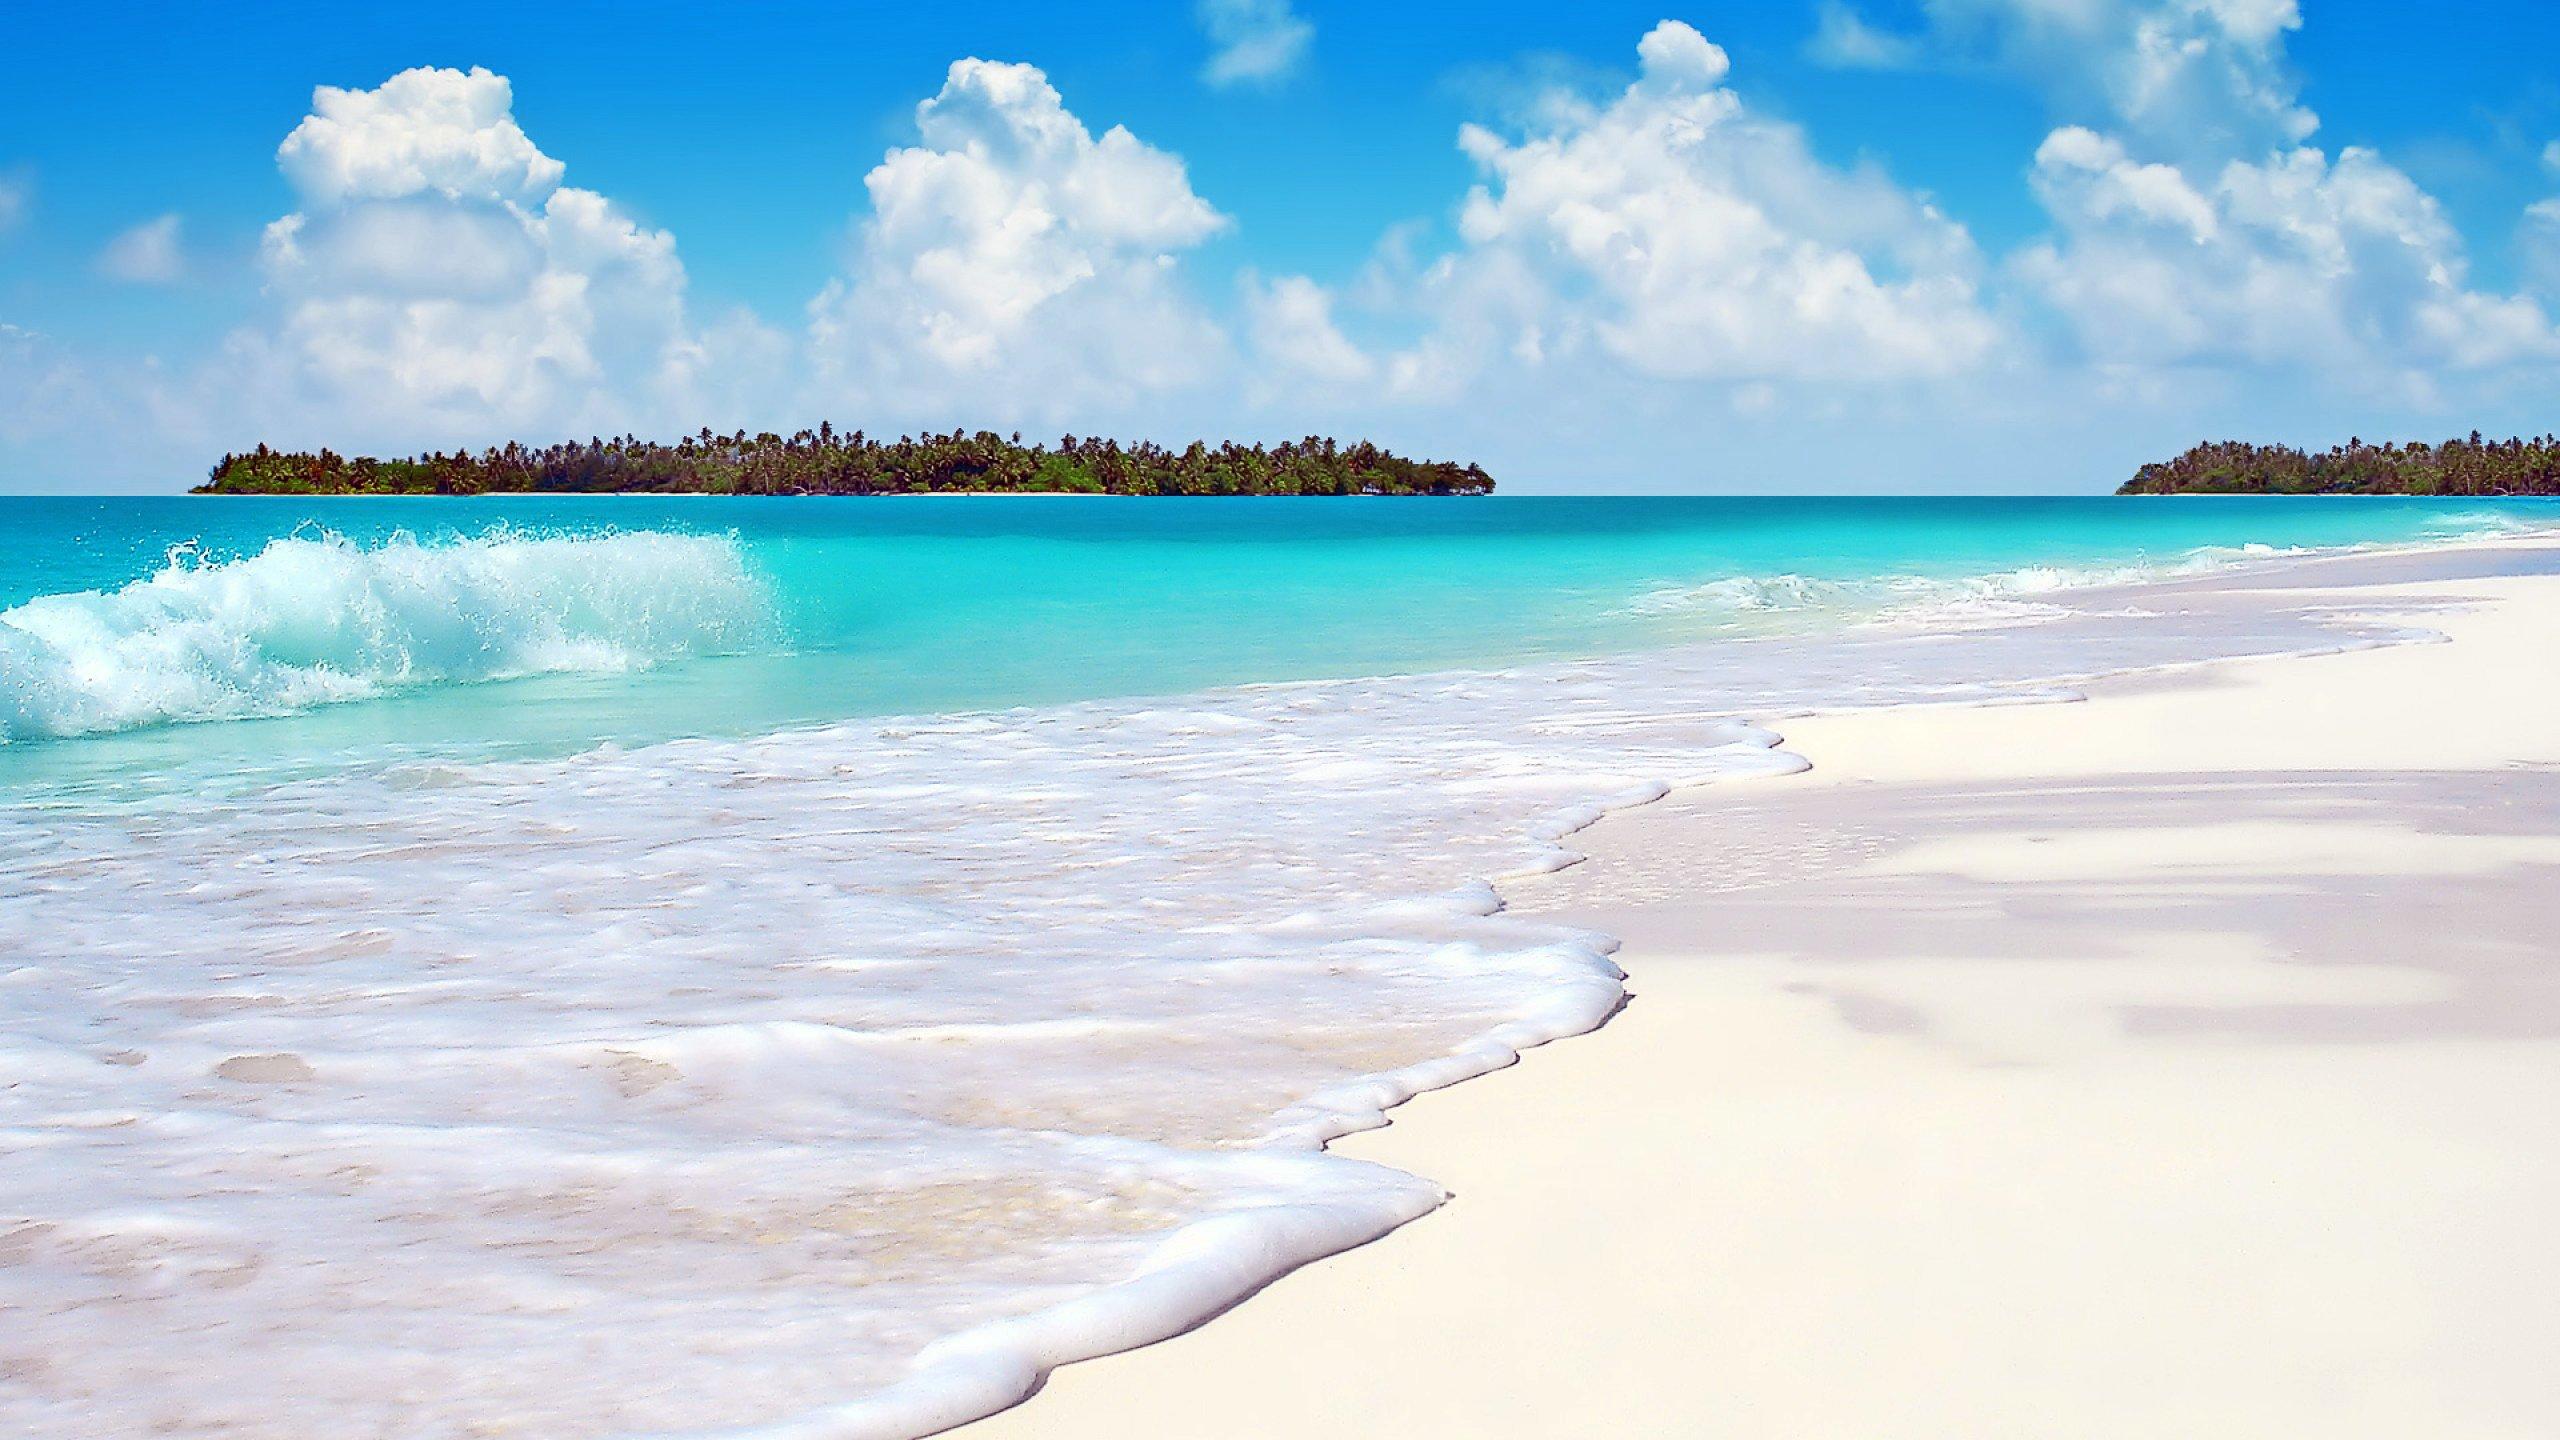 нет, обои на экран море пляж песок голубая вода один больших